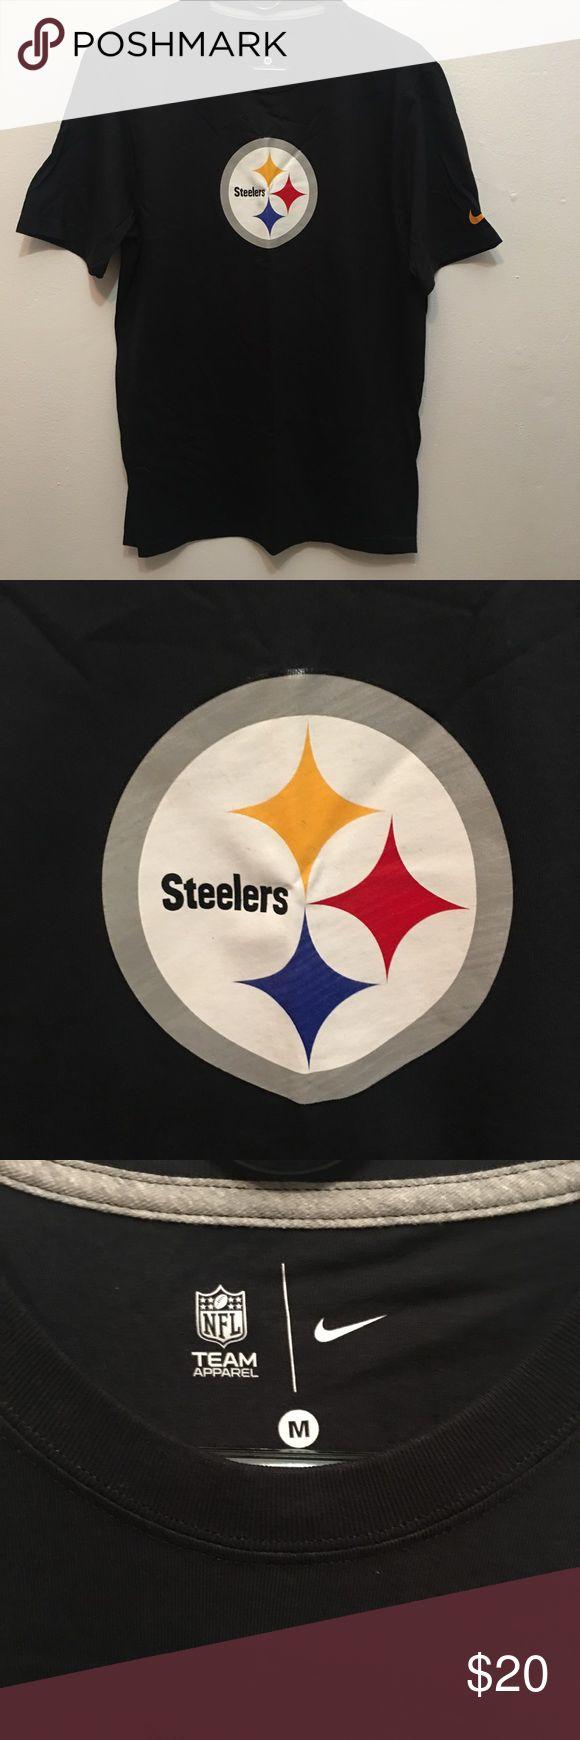 NWOT-Nike-Pittsburgh Steelers T-Shirt NWOT-Nike-Pittsburgh Steelers T-Shirt Nike Shirts Tees - Short Sleeve